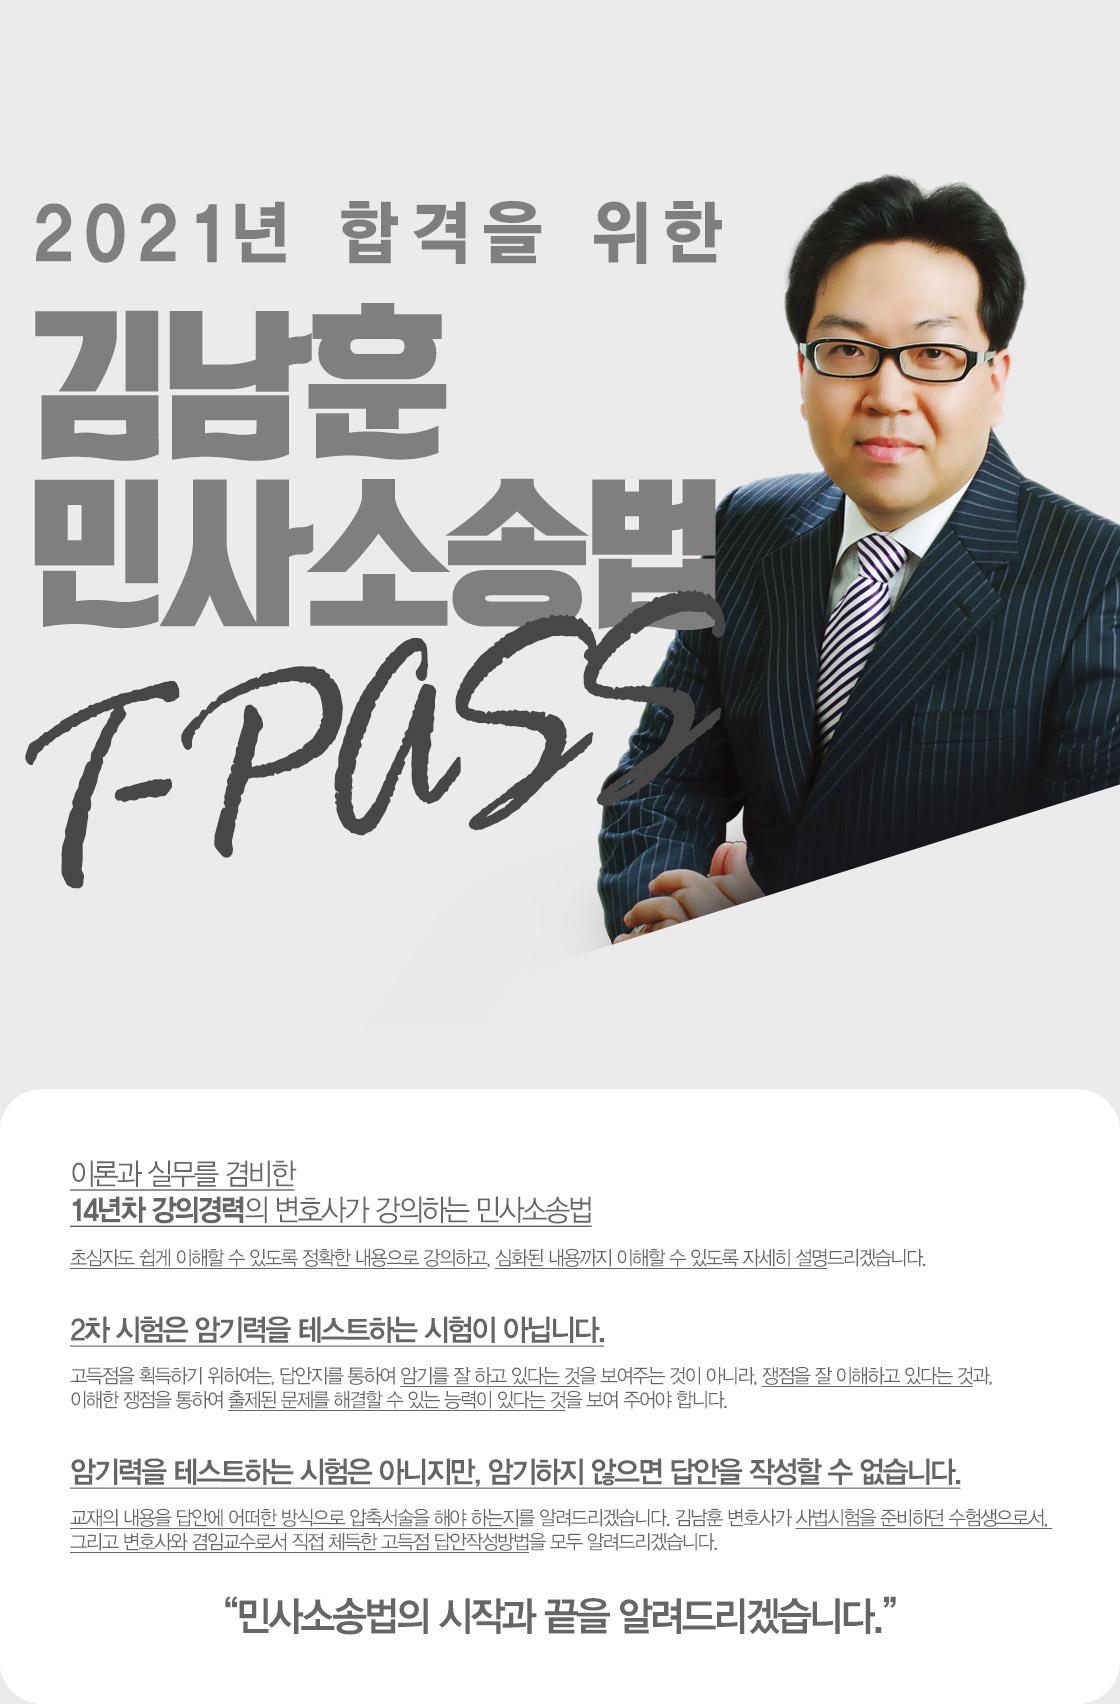 김남훈 민사소송법 티패스